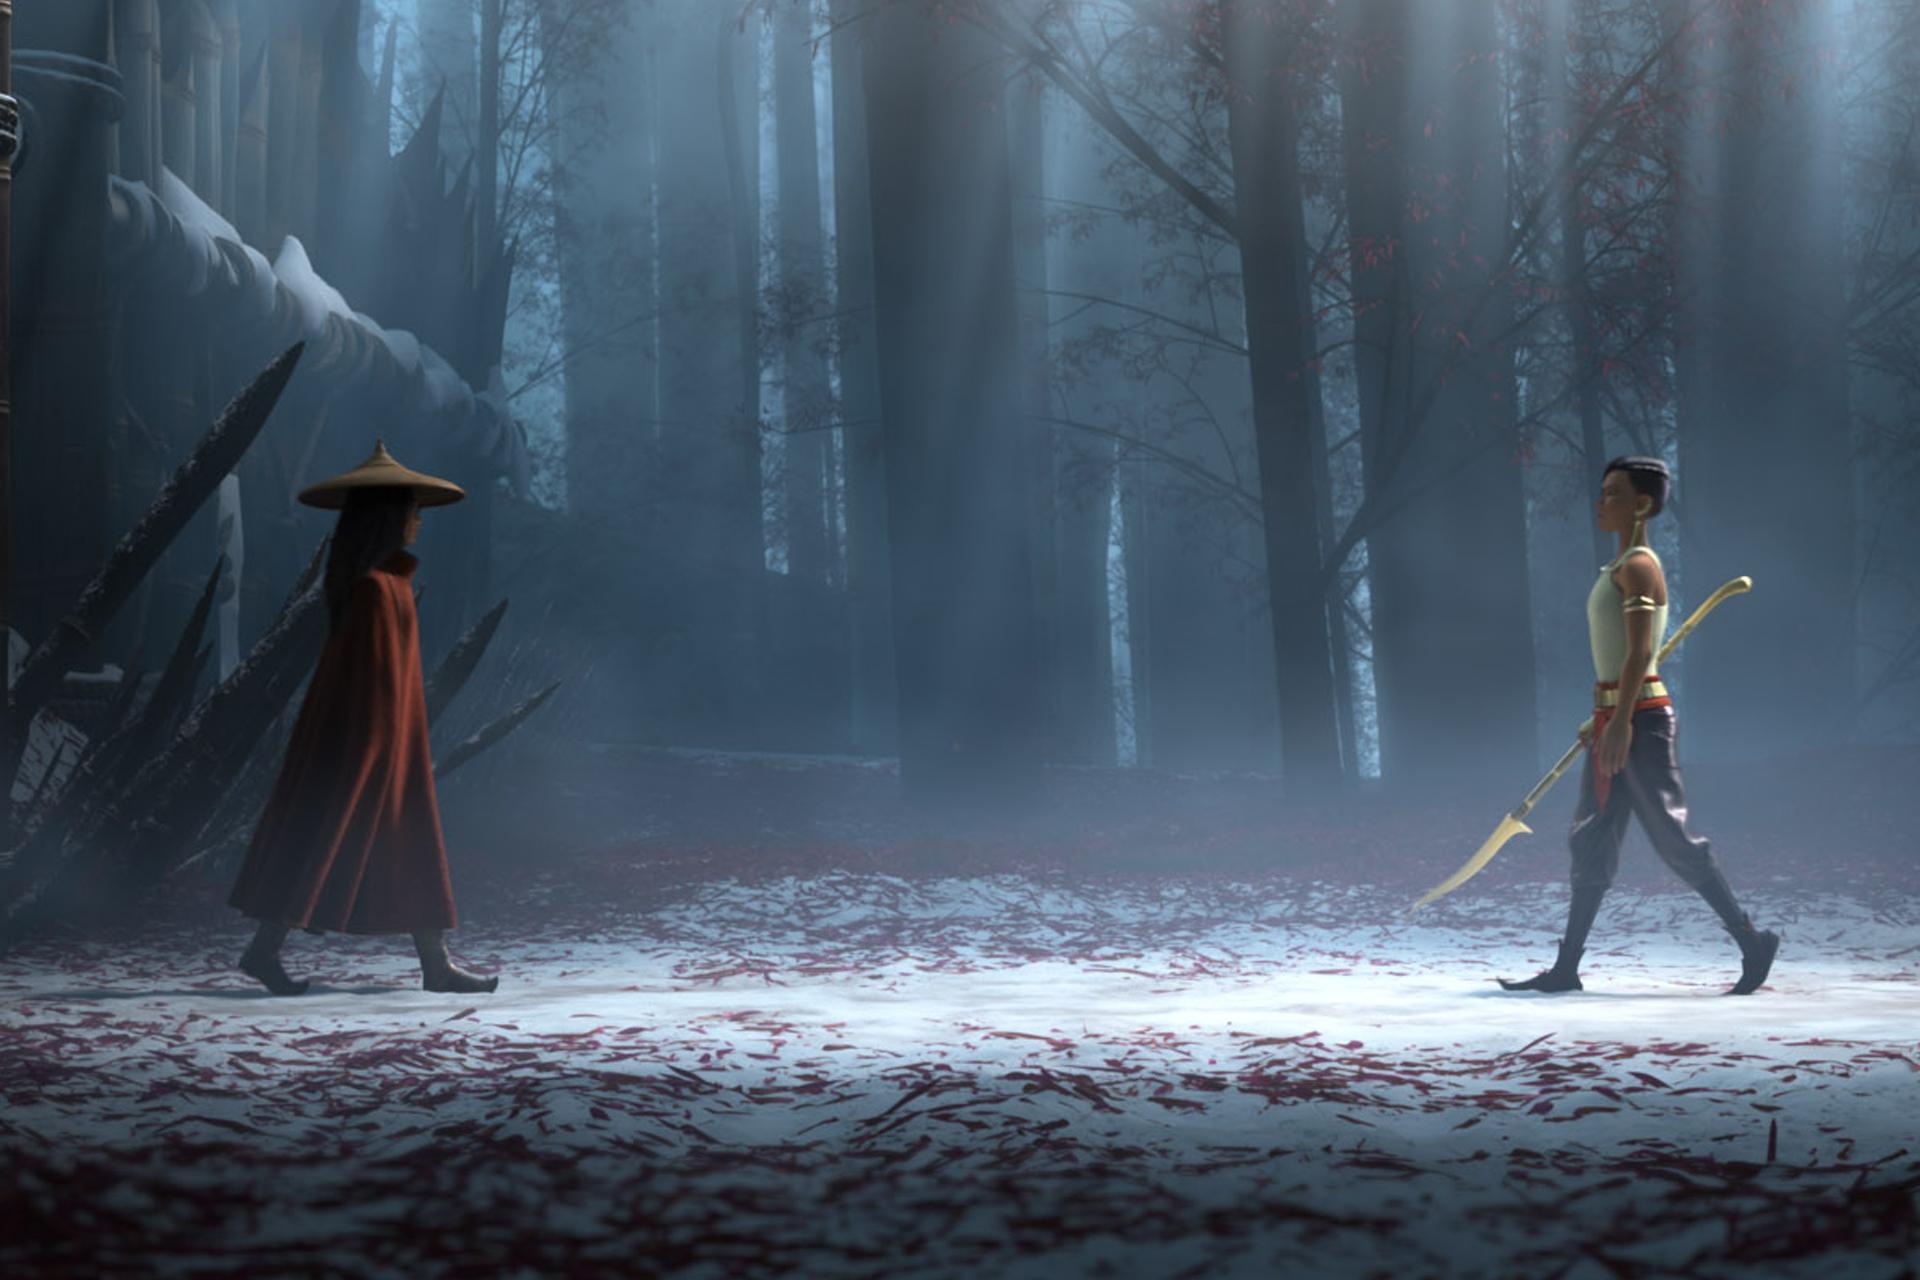 """فيلم ديزني الجديد """"رايا والتنين الأخير"""" وقصة الأميرة المحاربة التي تنقذ العالم"""